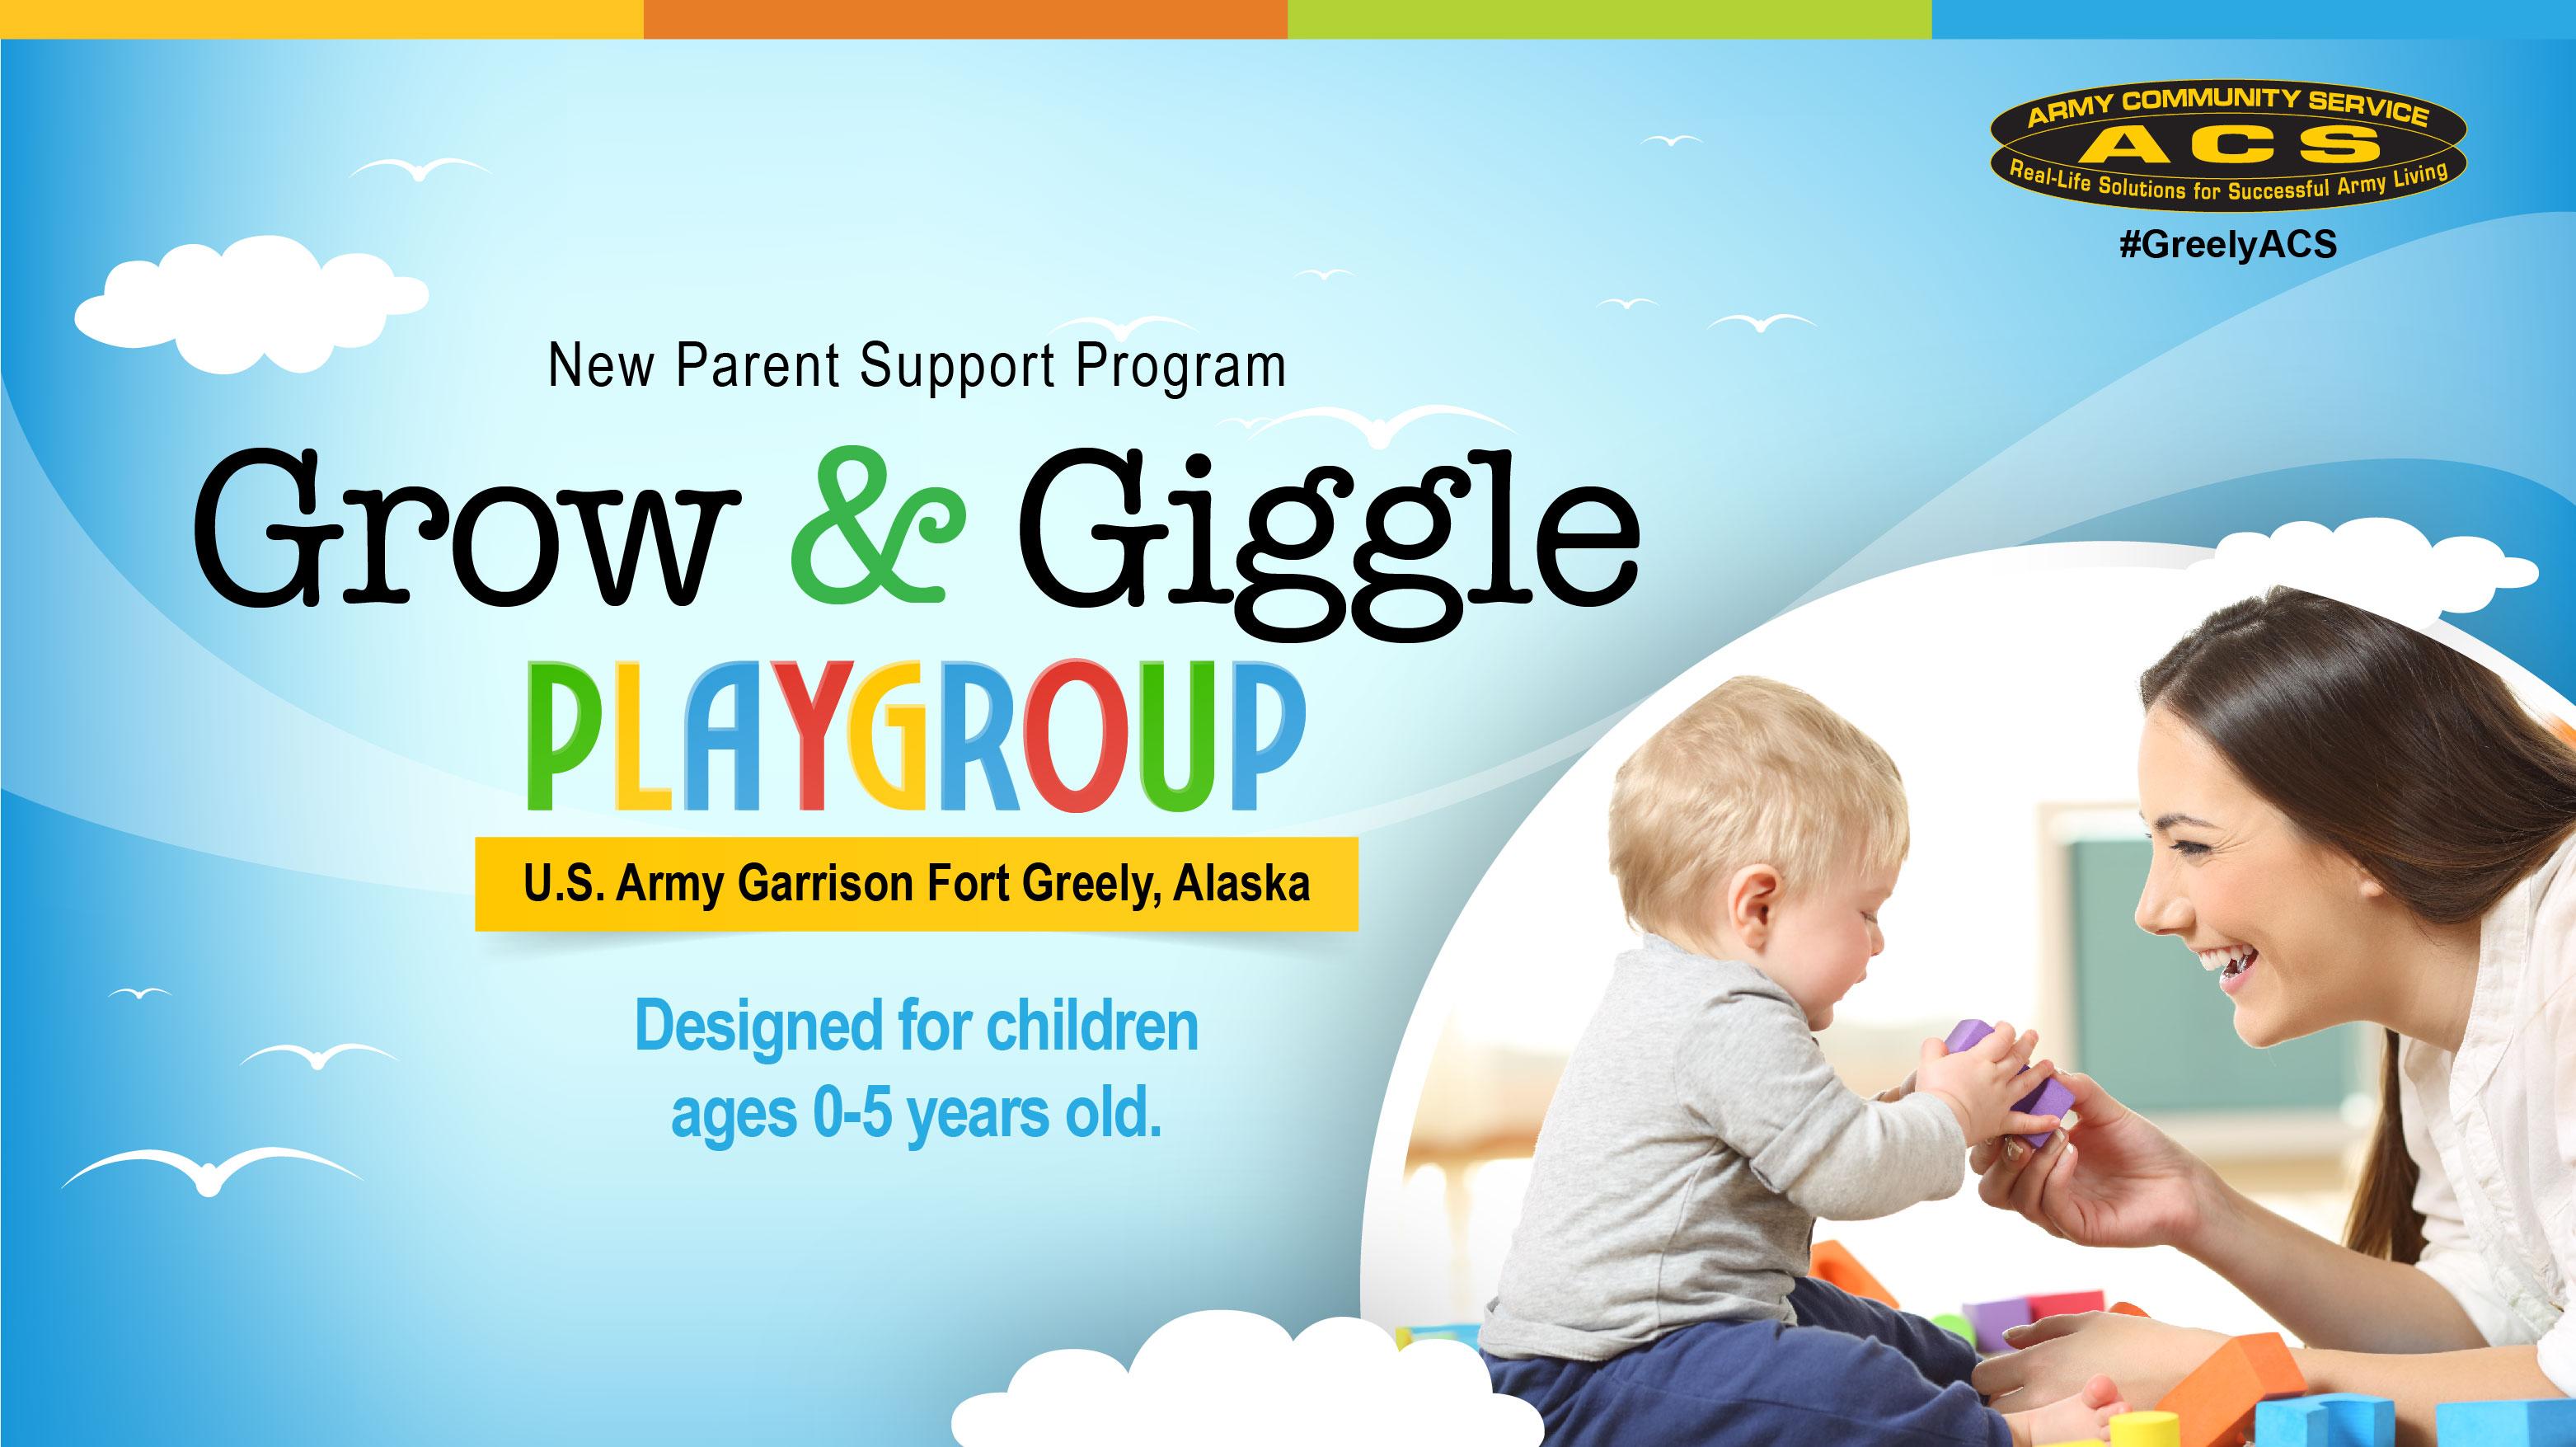 Grow & Giggle Playgroup